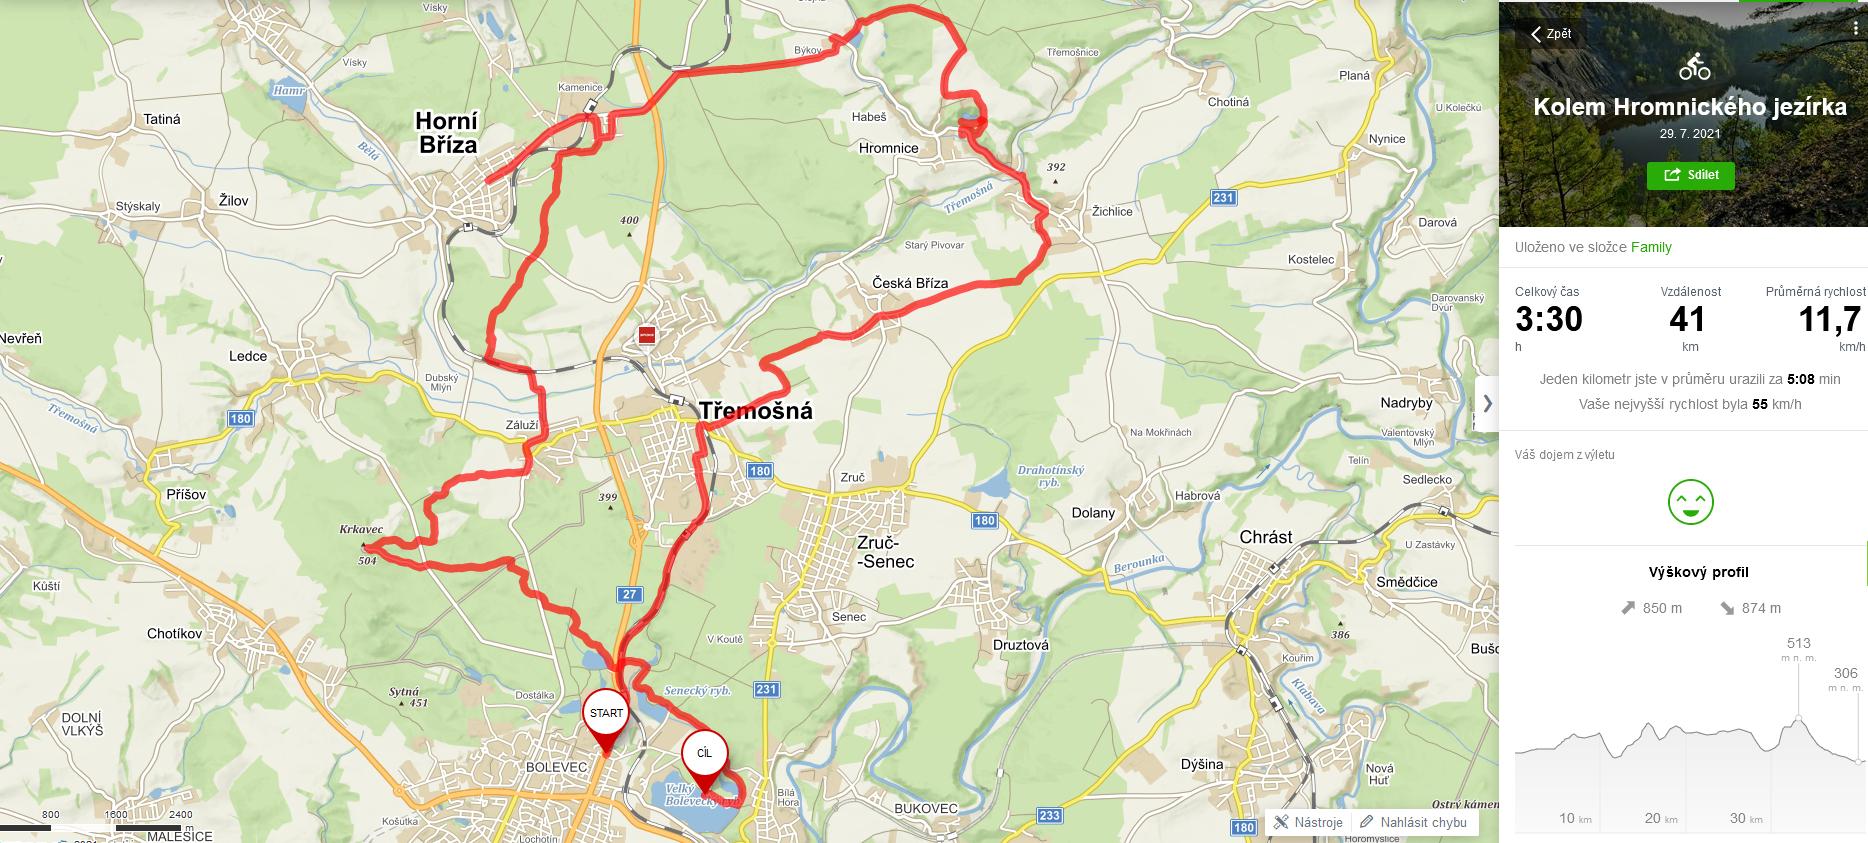 https://www.kempy-chaty.cz/sites/default/files/turistika/hromnicke_jezirko_mapa_trasa.png